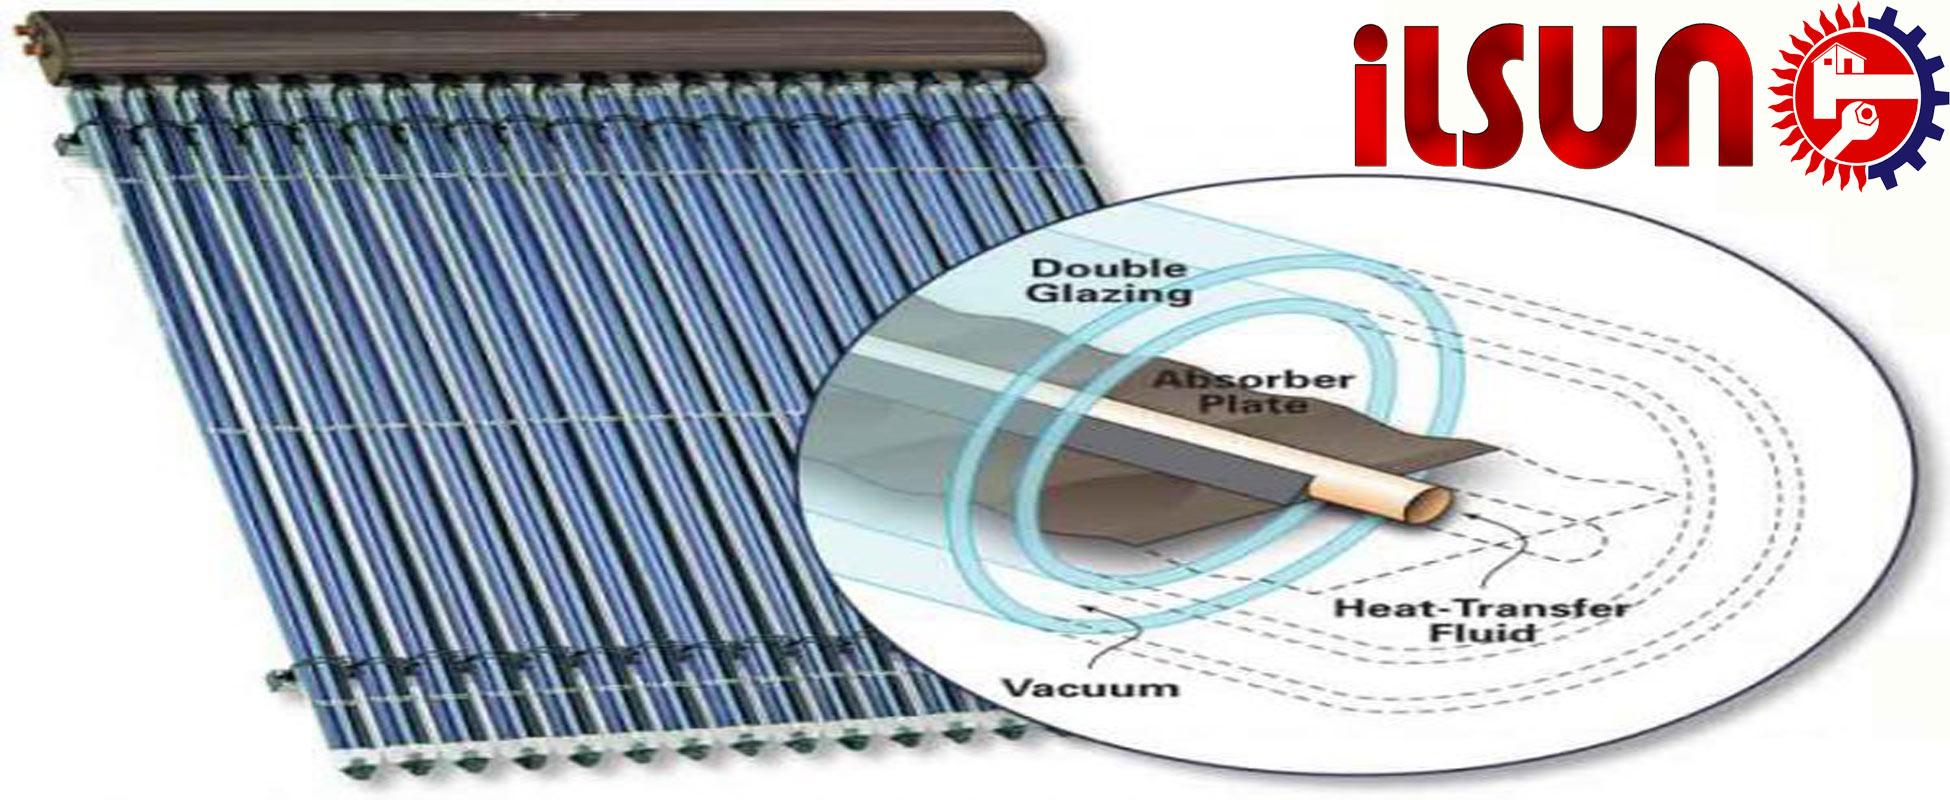 انواع کلکتور آبگرمکن خورشیدی . خرید آبگرمکن خورشیدی